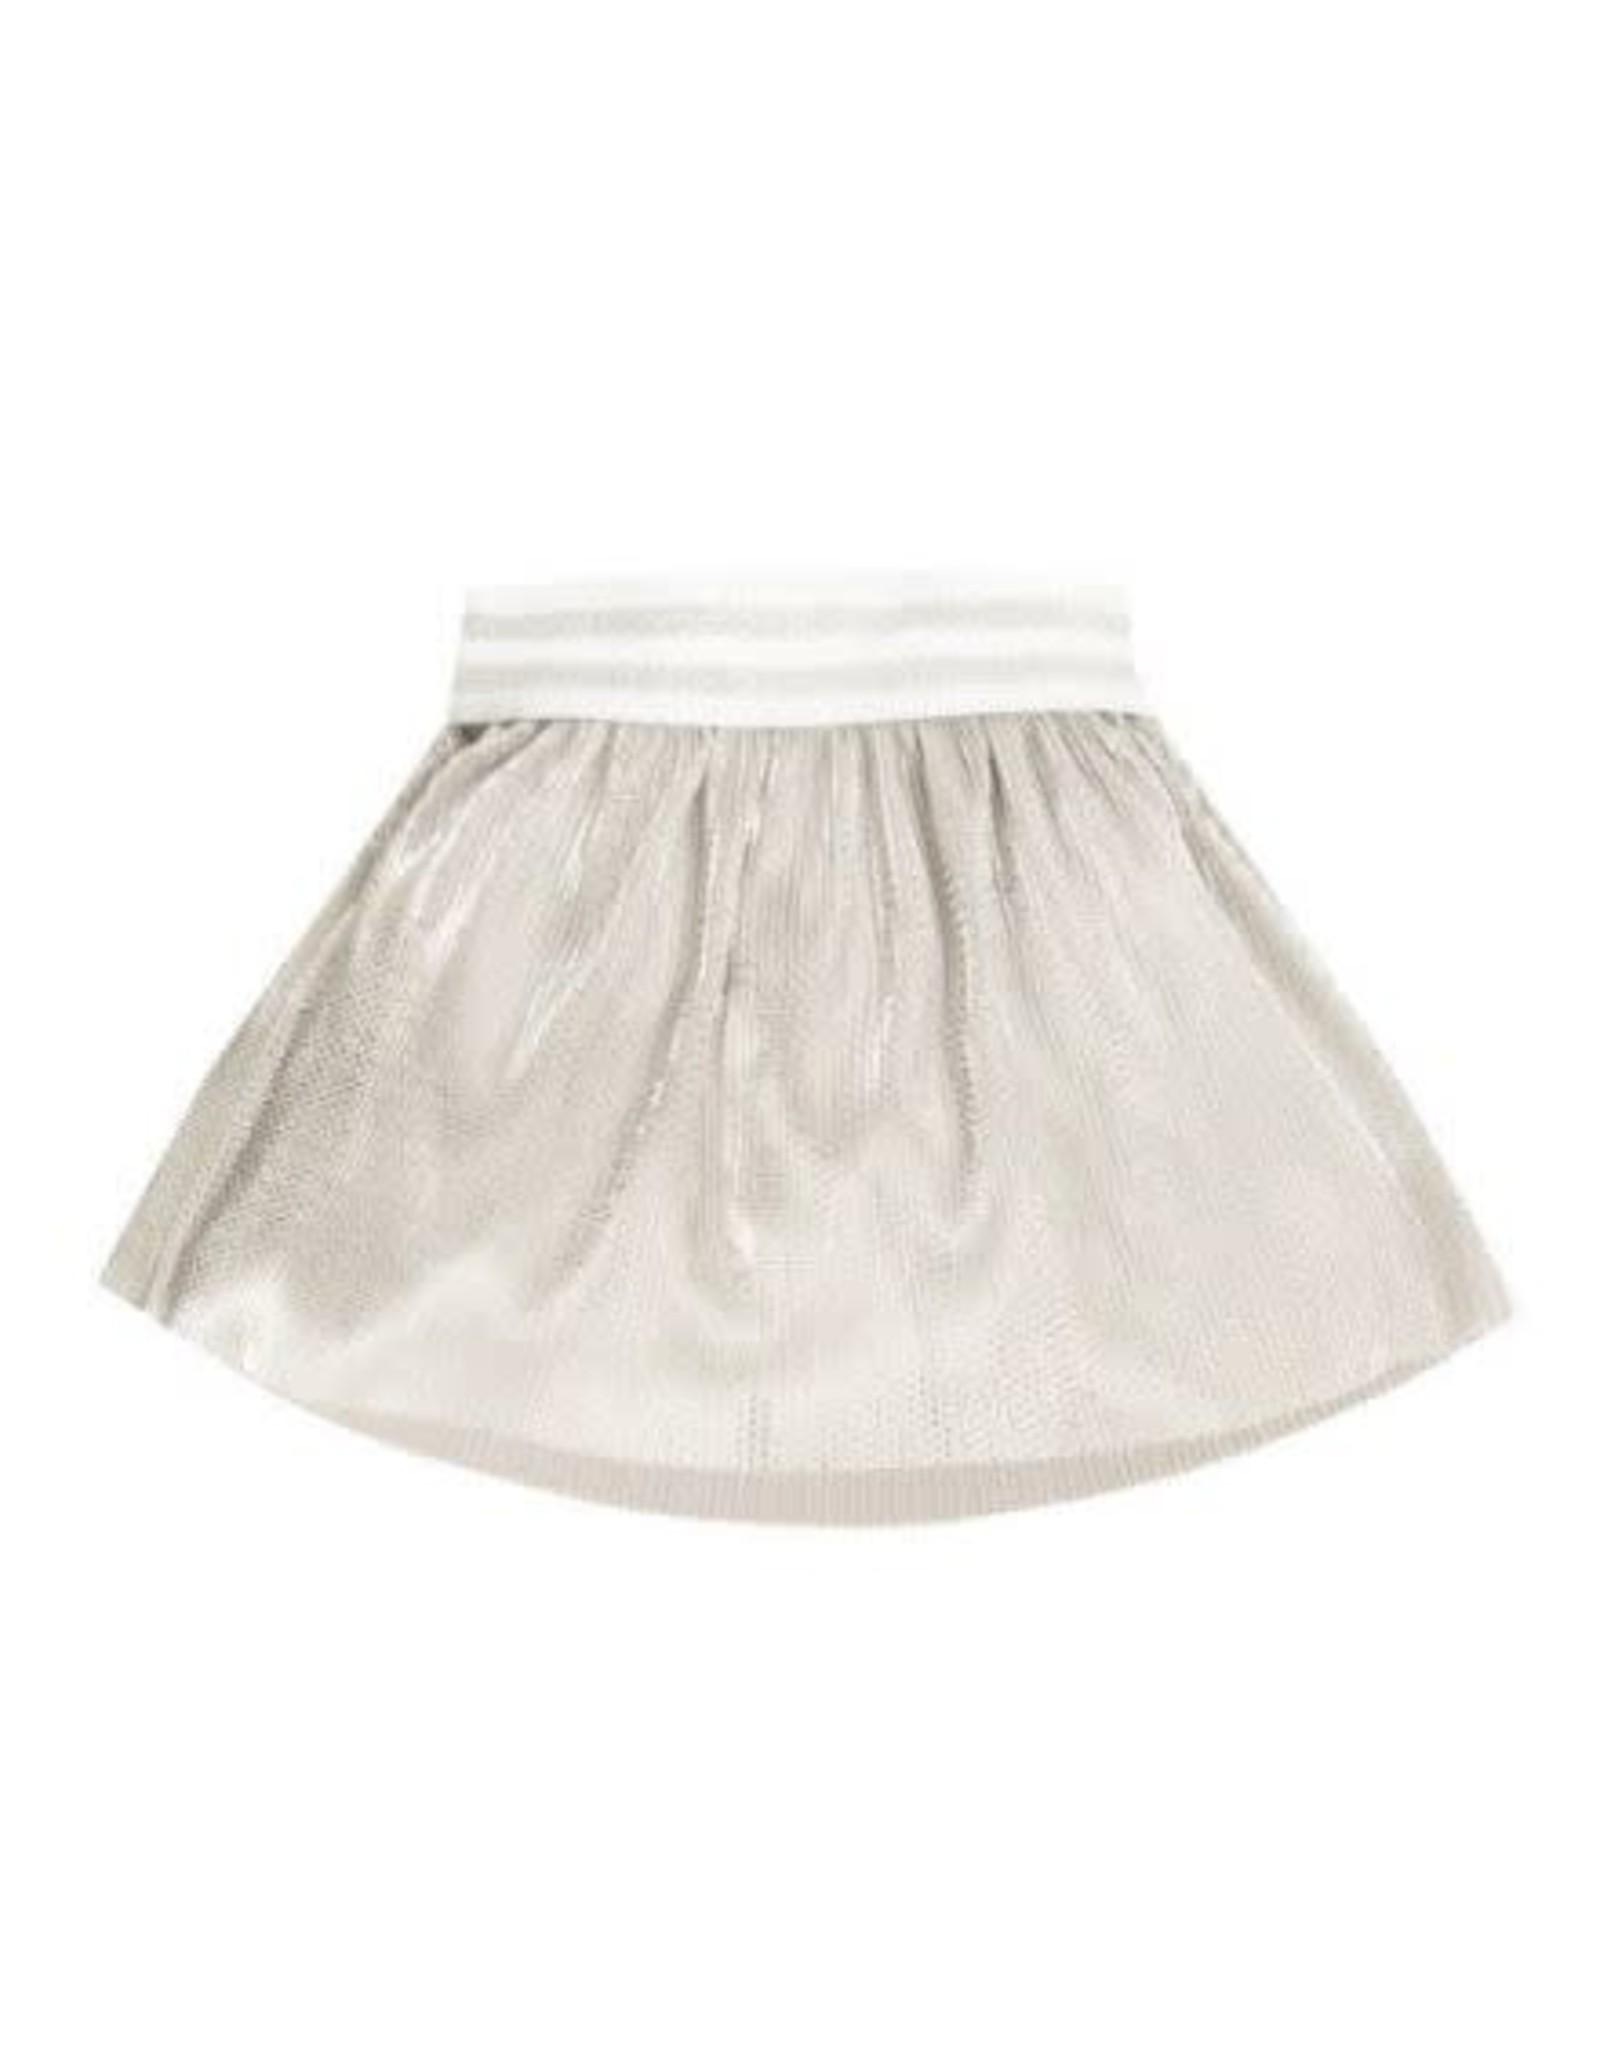 EMC Metallized Plisse Skirt